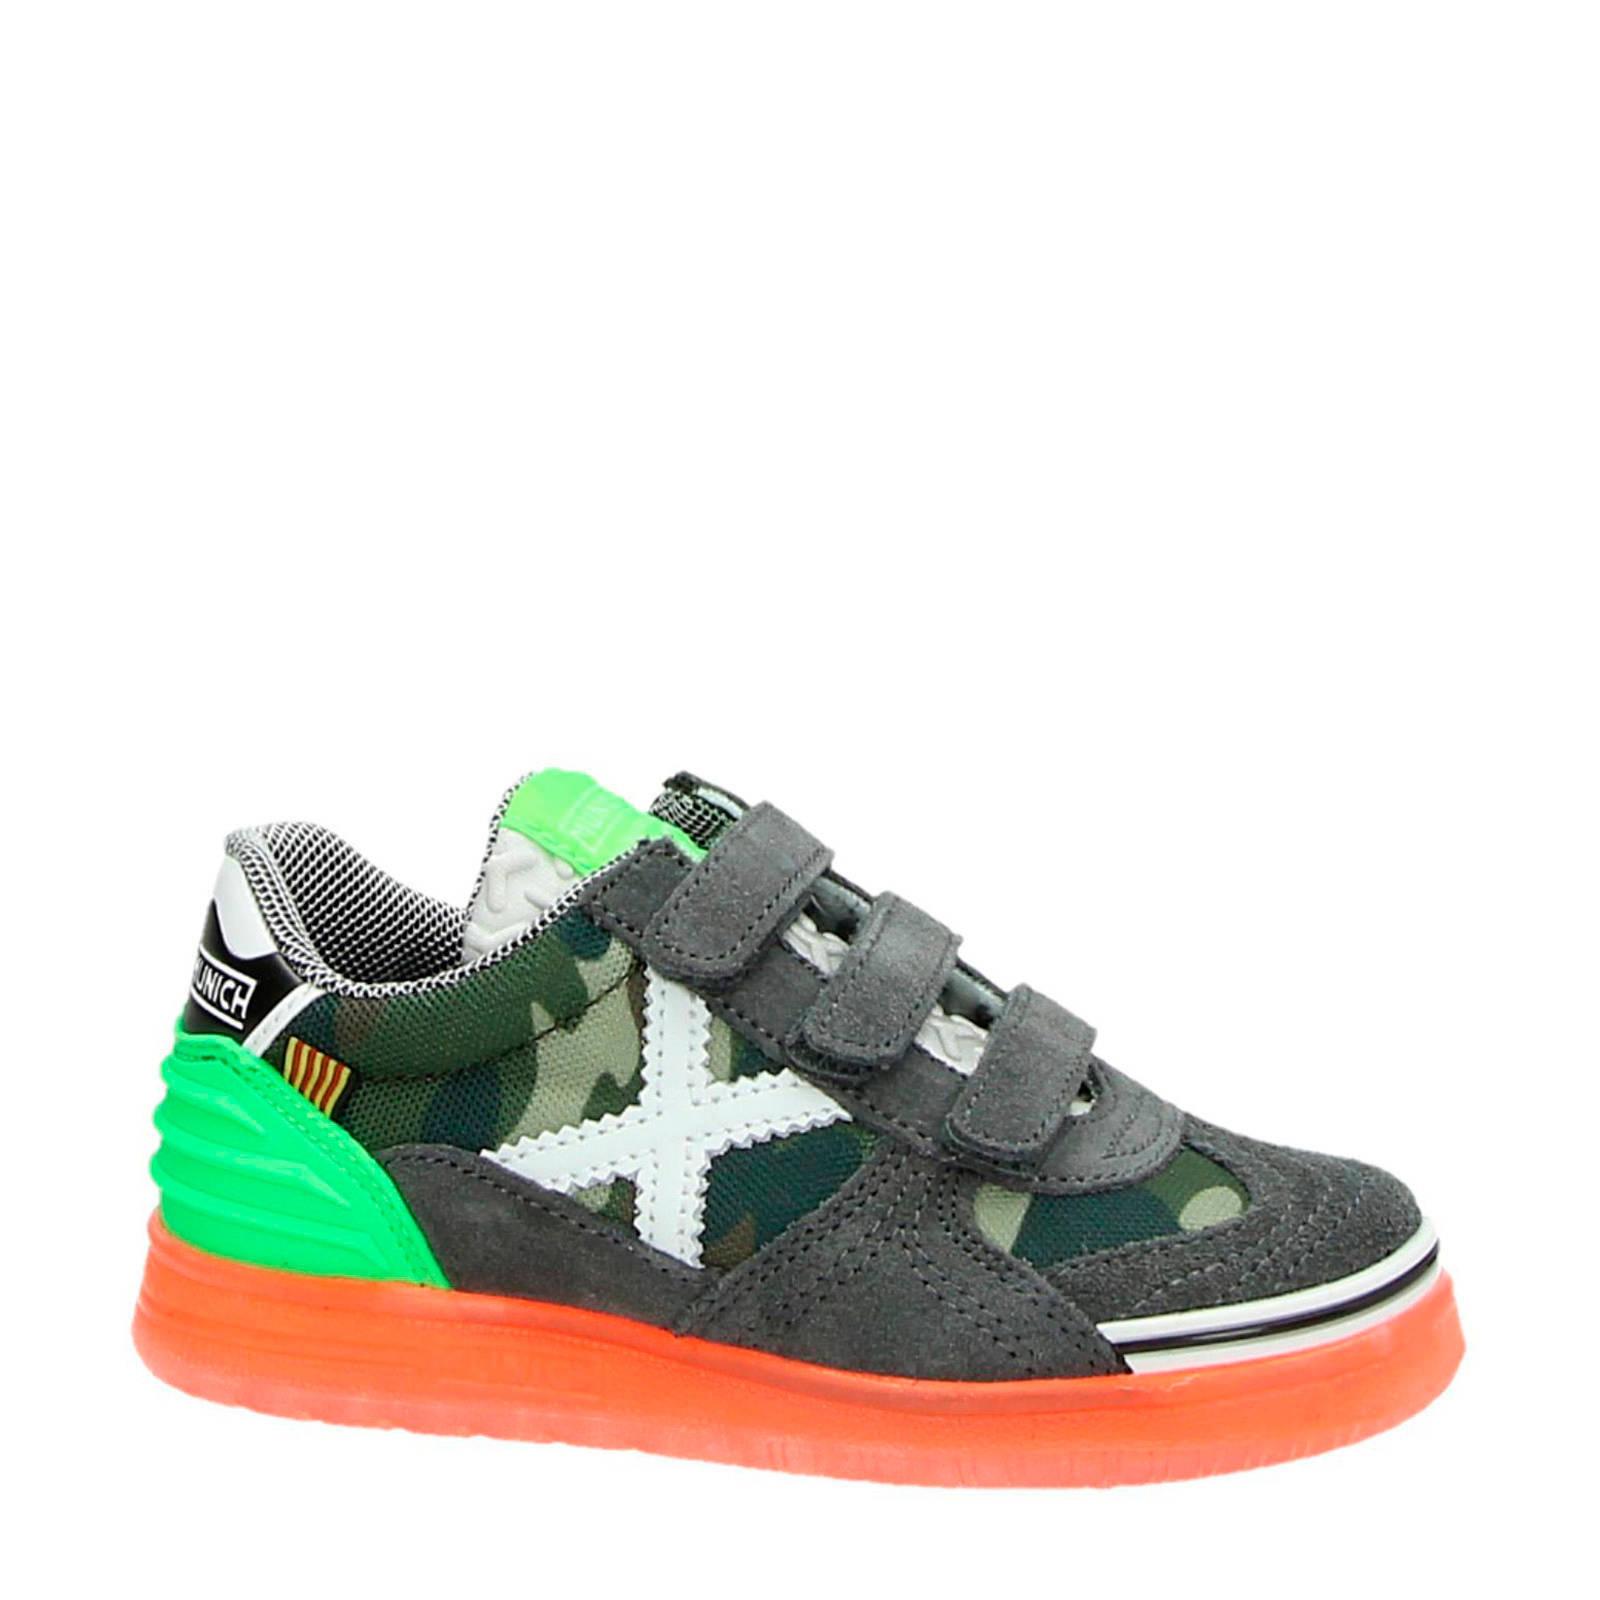 b3115c24b14595 munich-velcro-suede-sneakers-kaki-kaki-8719796175923.jpg